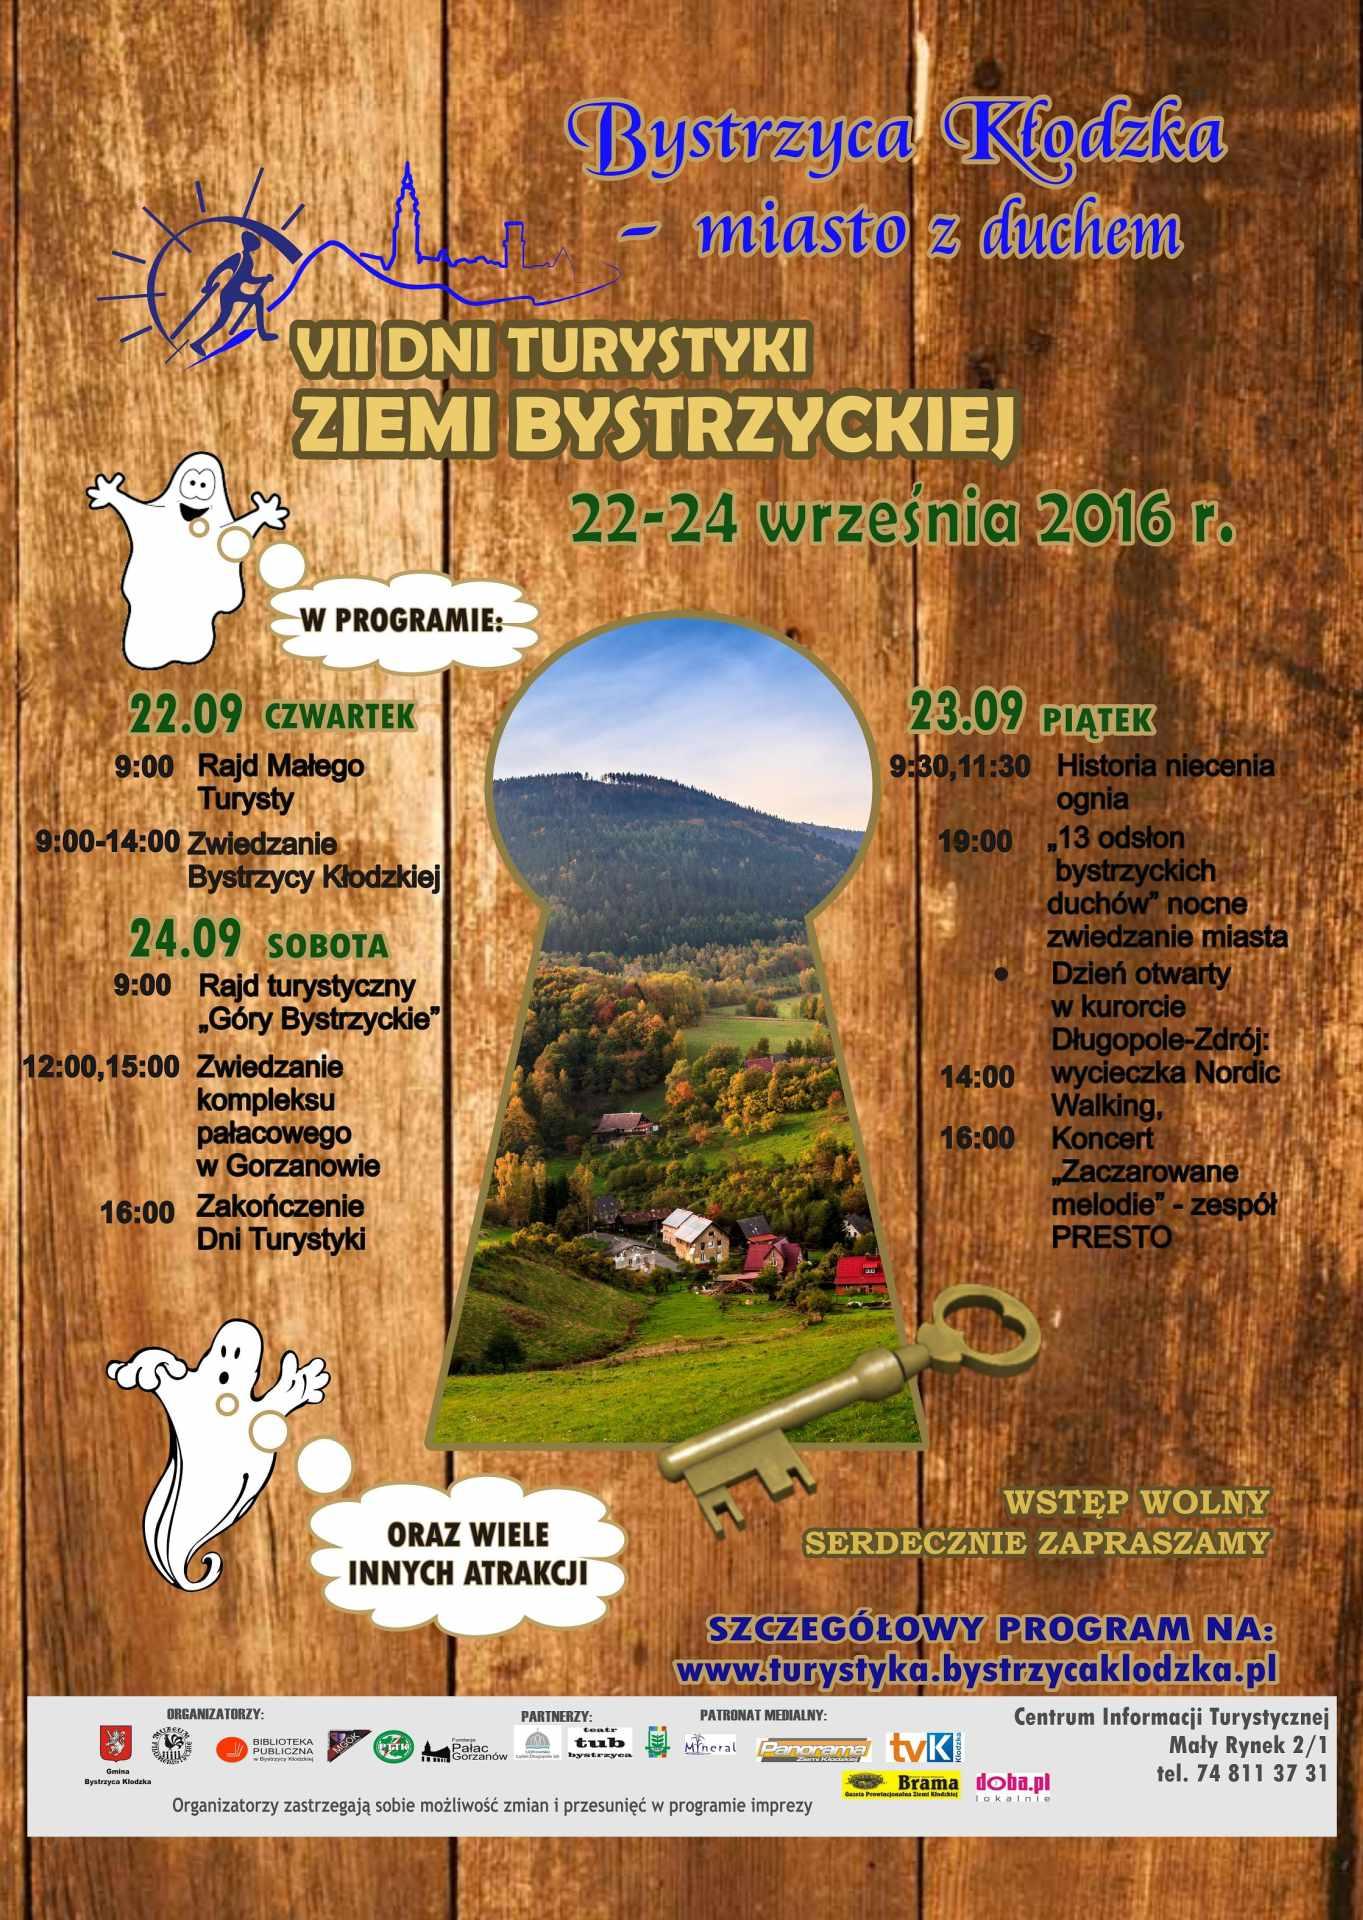 VII Dni Turystyki Ziemi Bystrzyckiej